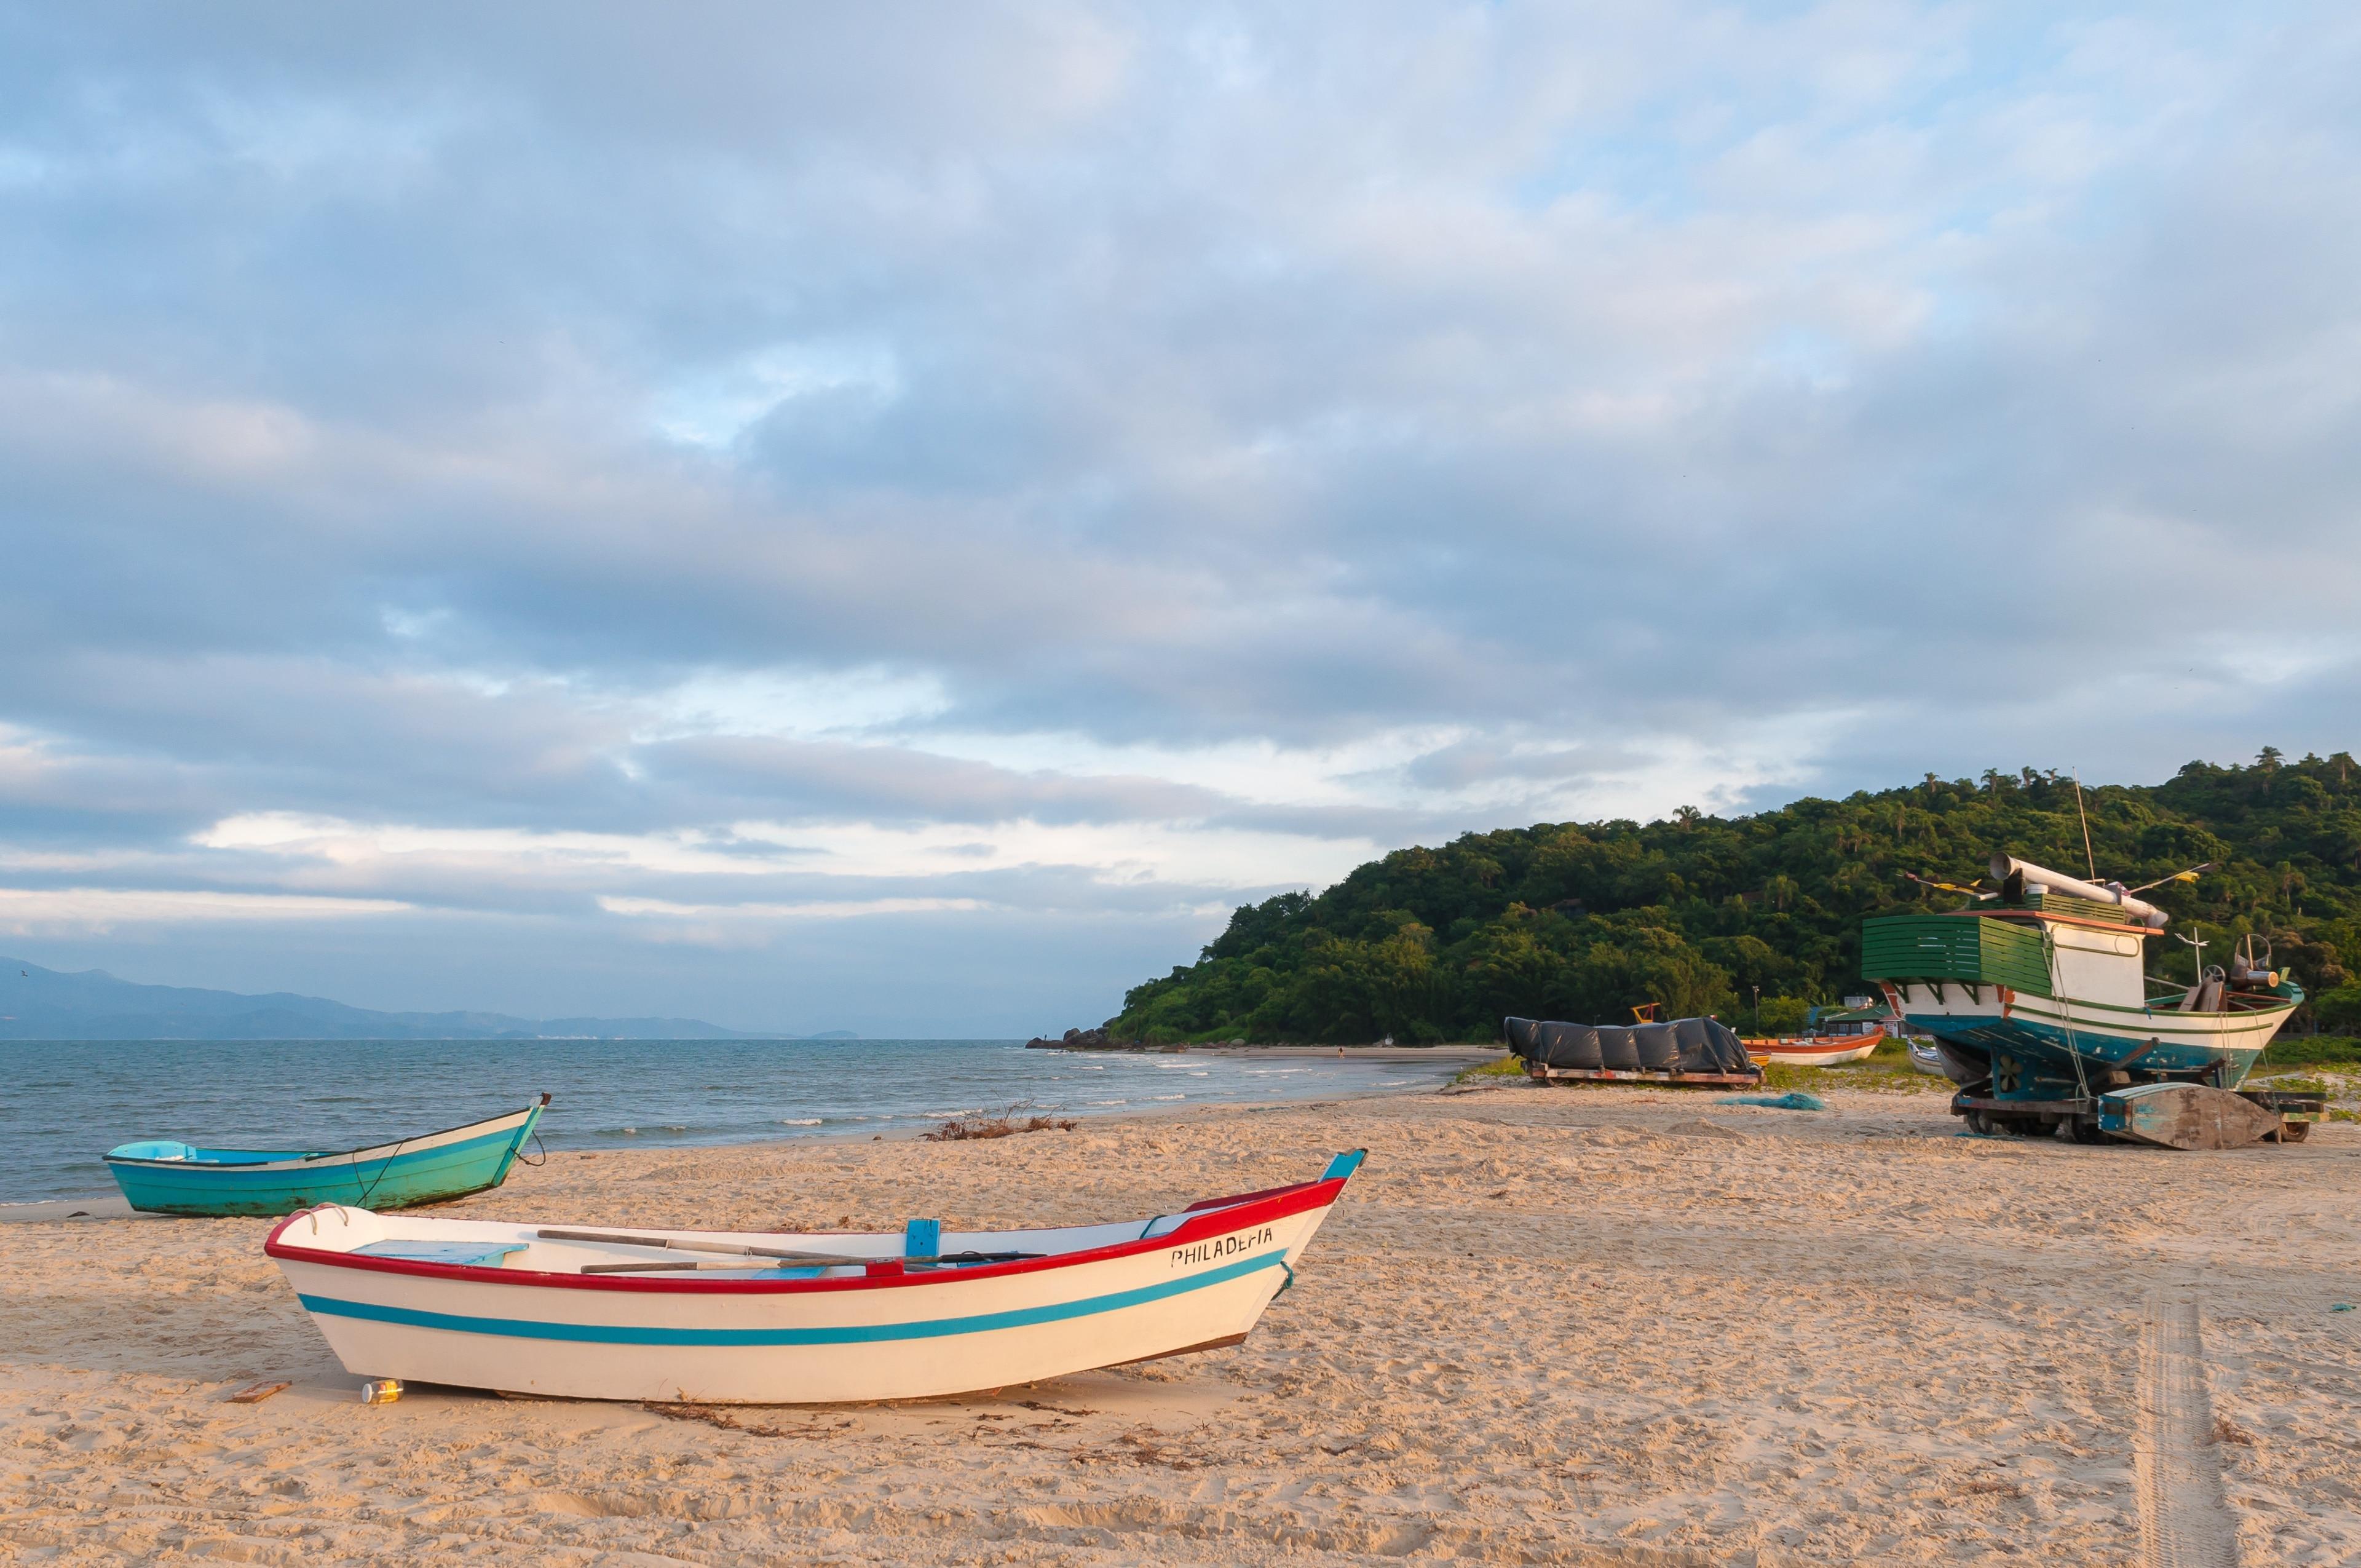 Ponta das Canas, Florianópolis, Bundesstaat Santa Catarina, Brasilien